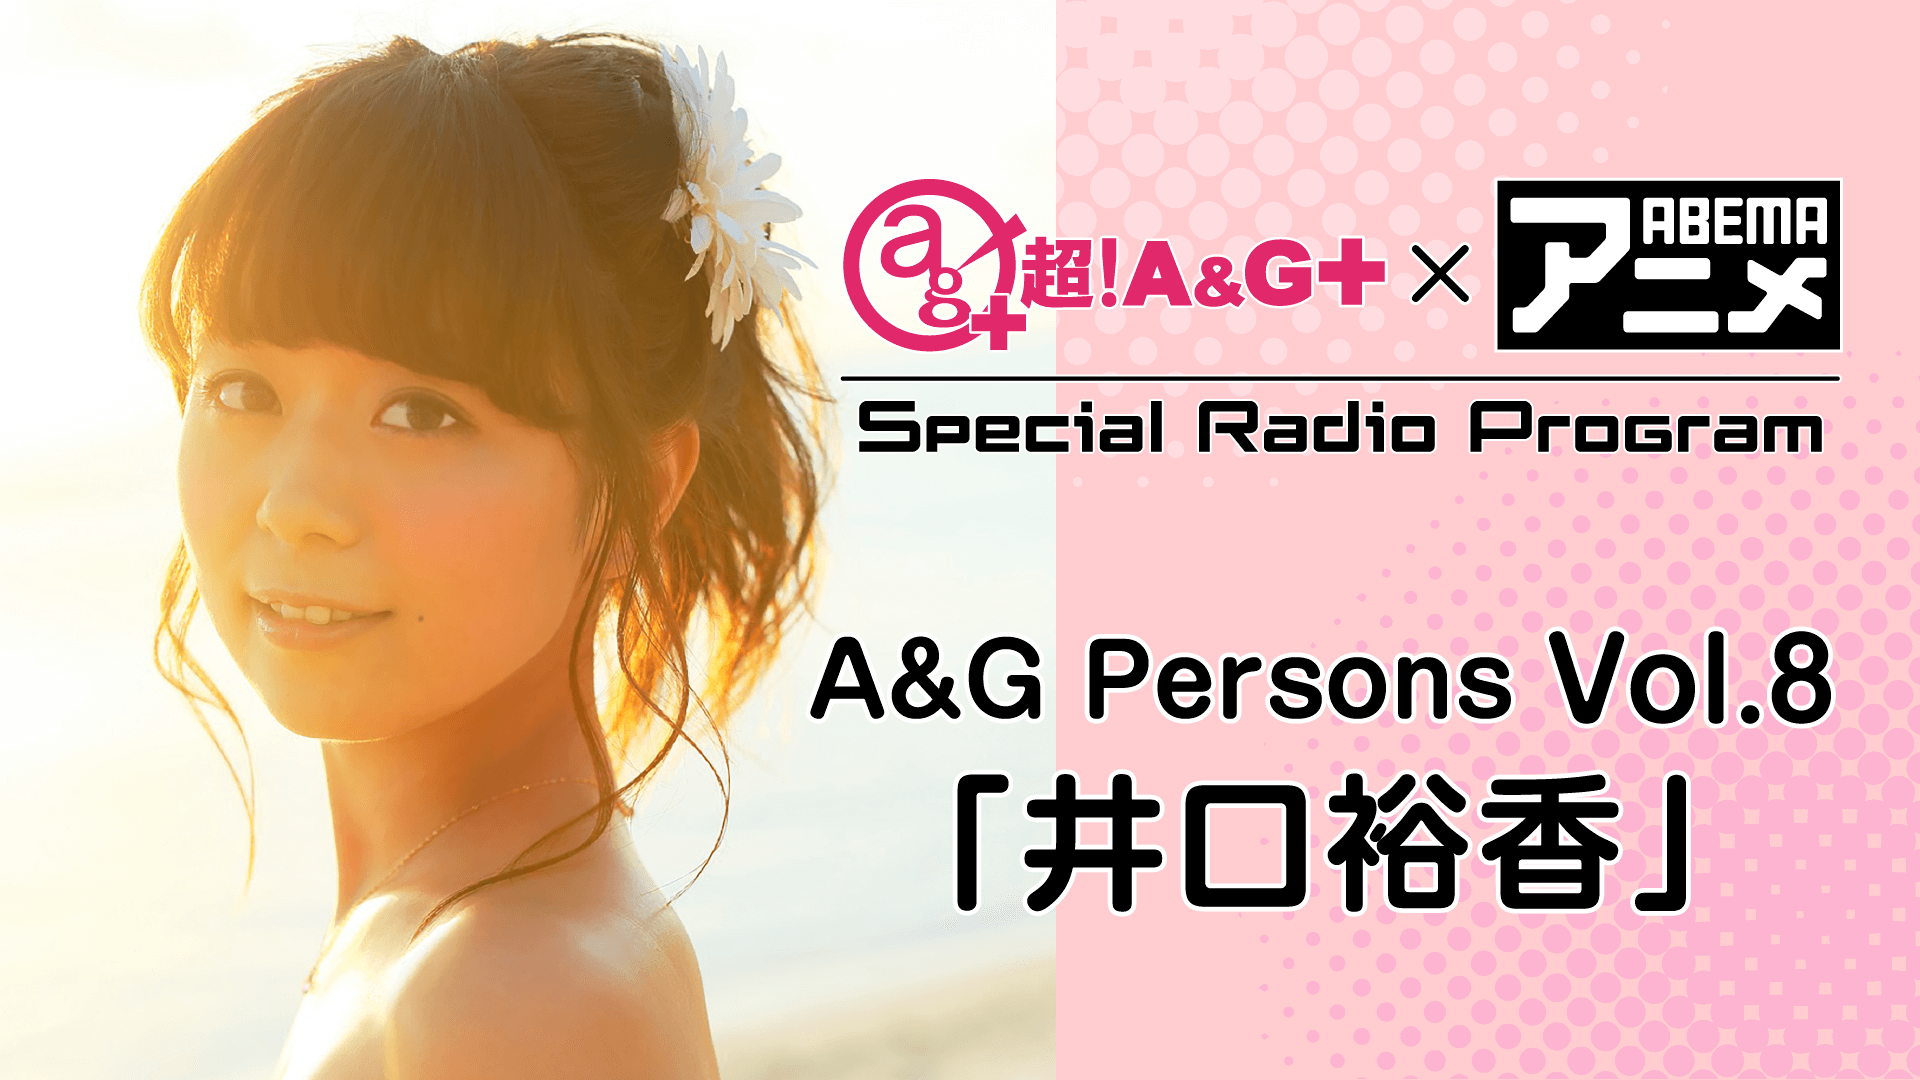 『超!A&G+ × ABEMAアニメ SRP~A&G Persons Vol.8「井口裕香」~ 後編』アーカイブが配信中!!!